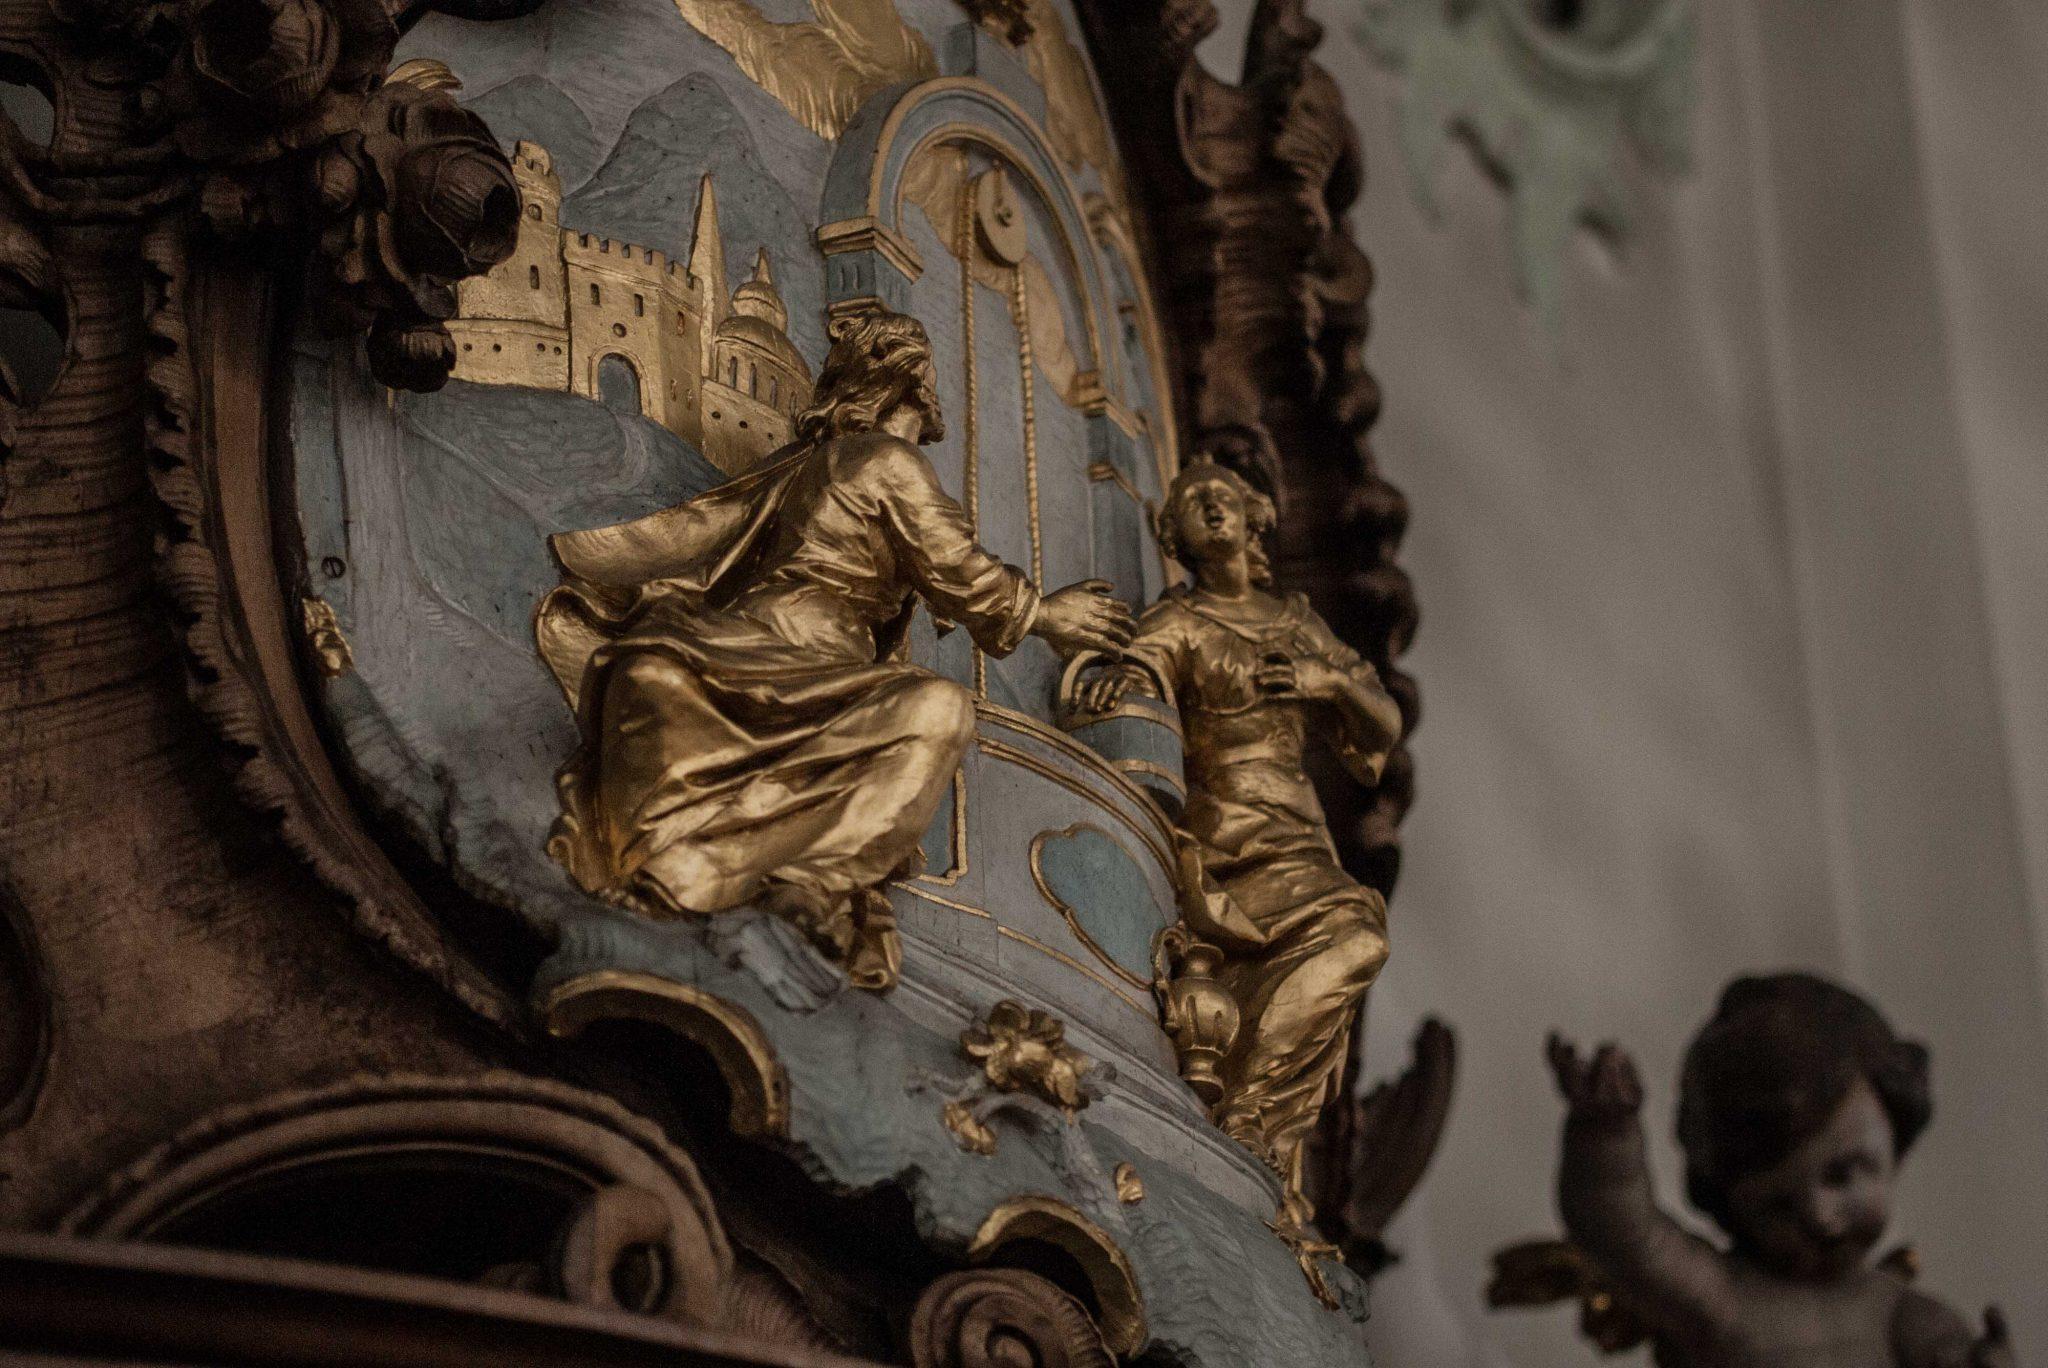 Jesusbegegnung am Brunnen: Darstellung an einem Beiststuhl im Dom Sankt Gallen